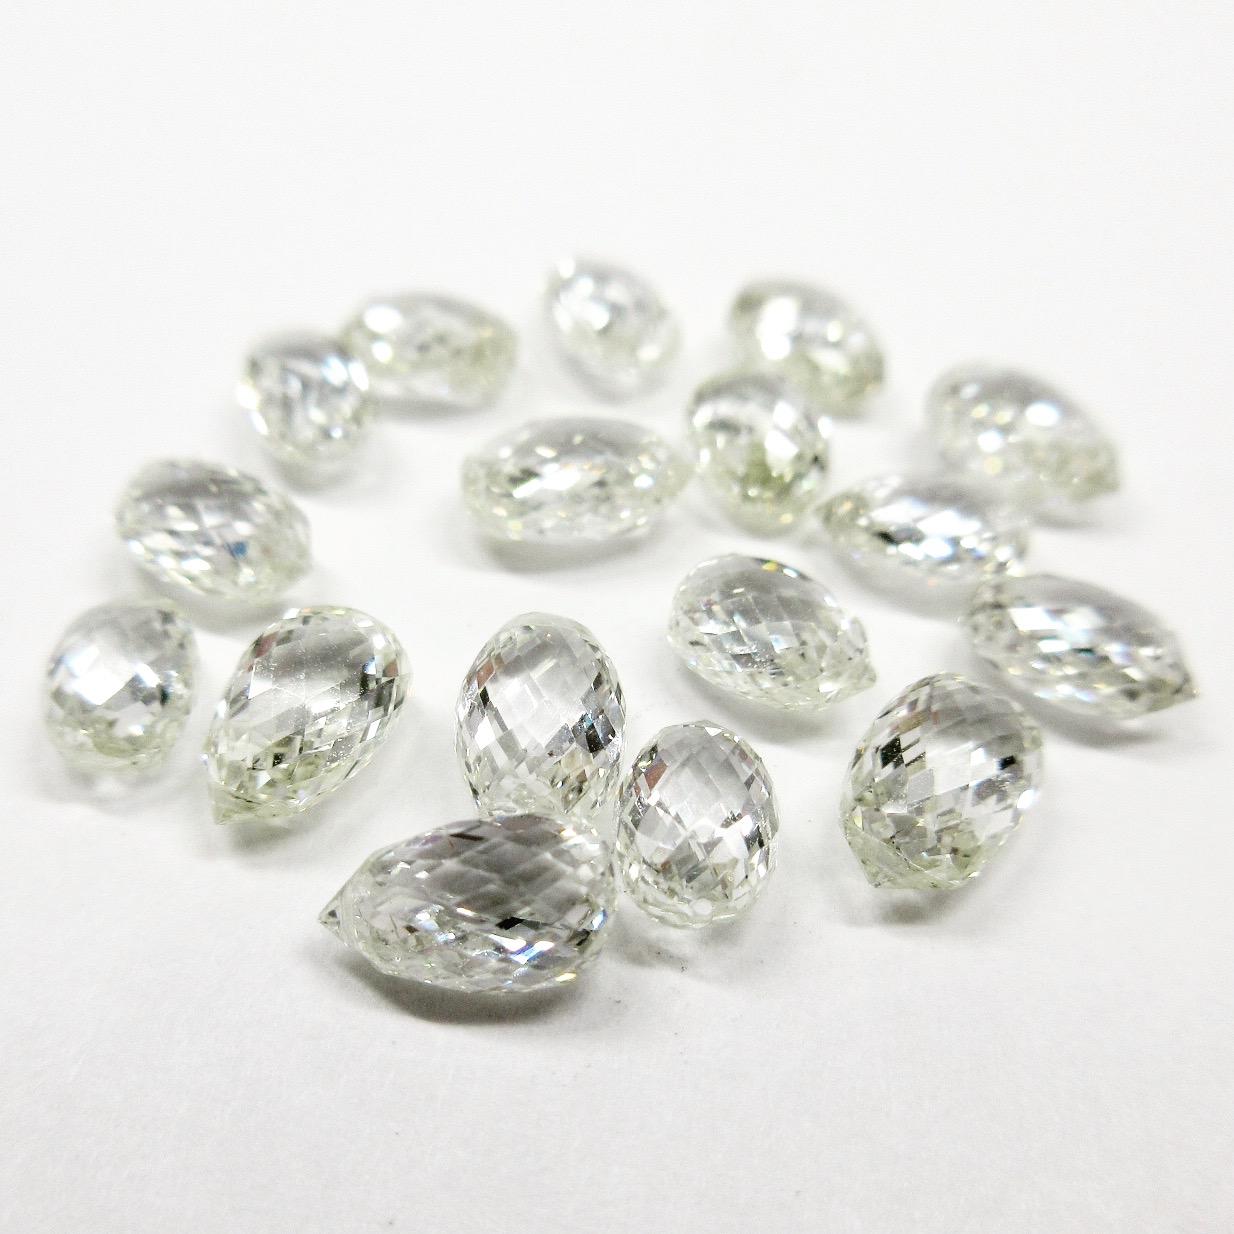 ブリオレットカットのダイヤモンド